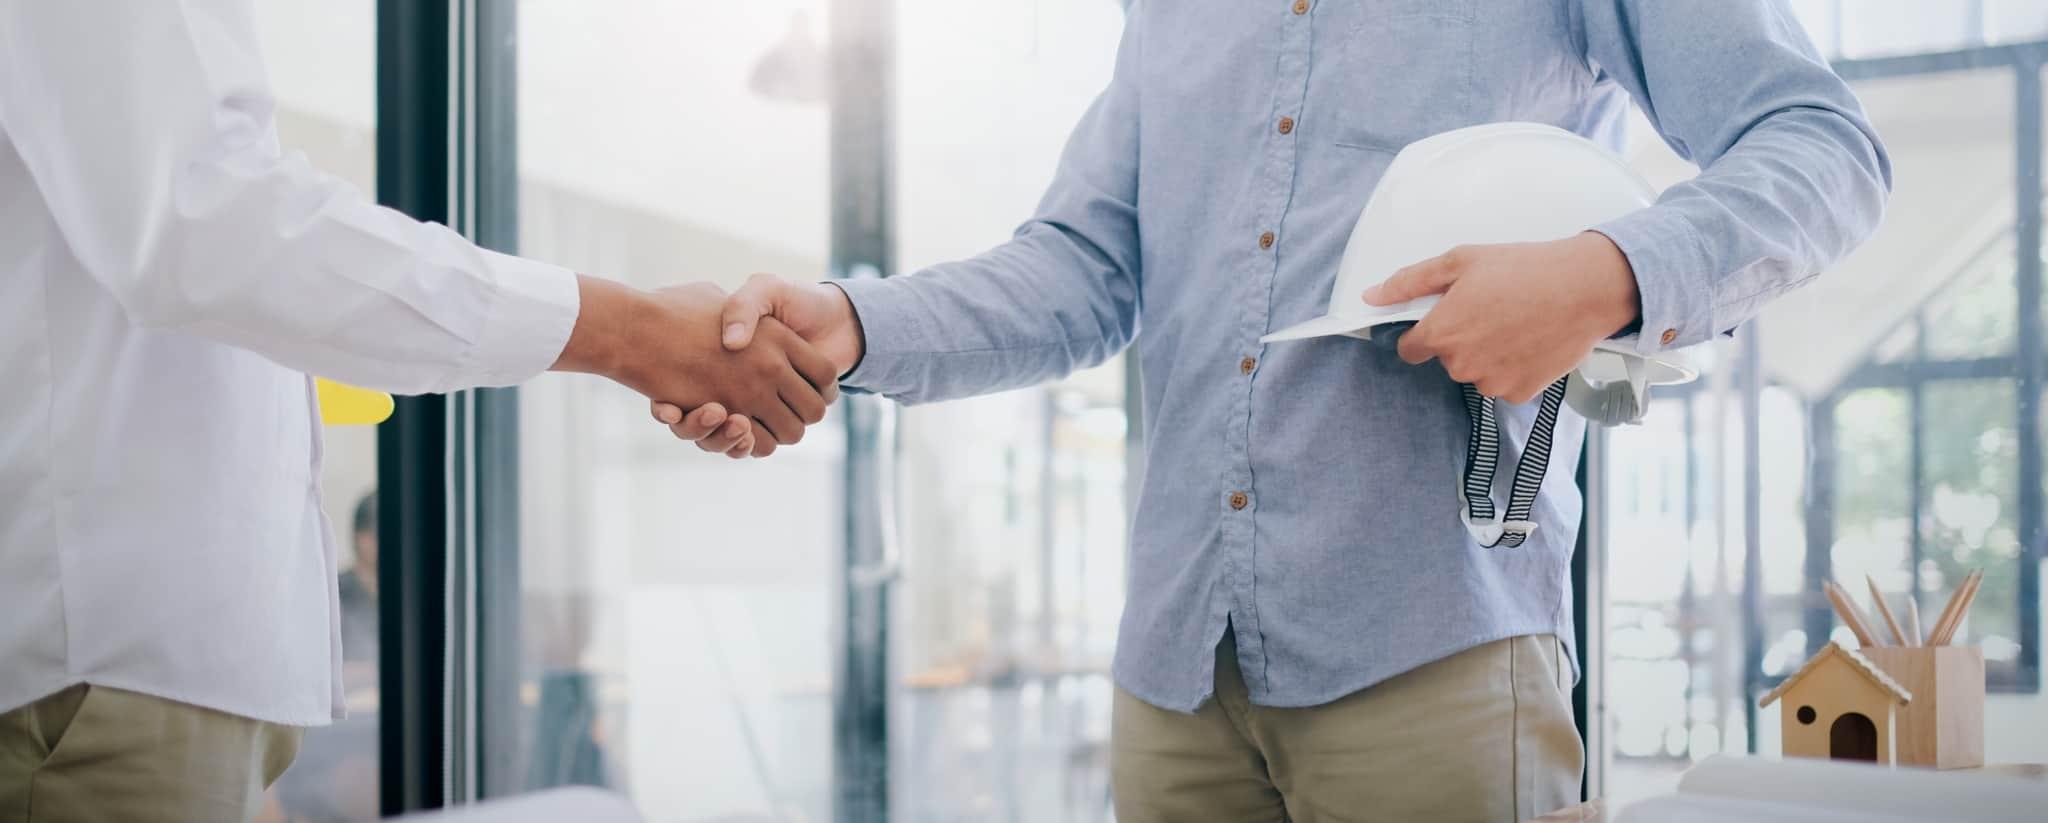 dois homens a apertar a mão